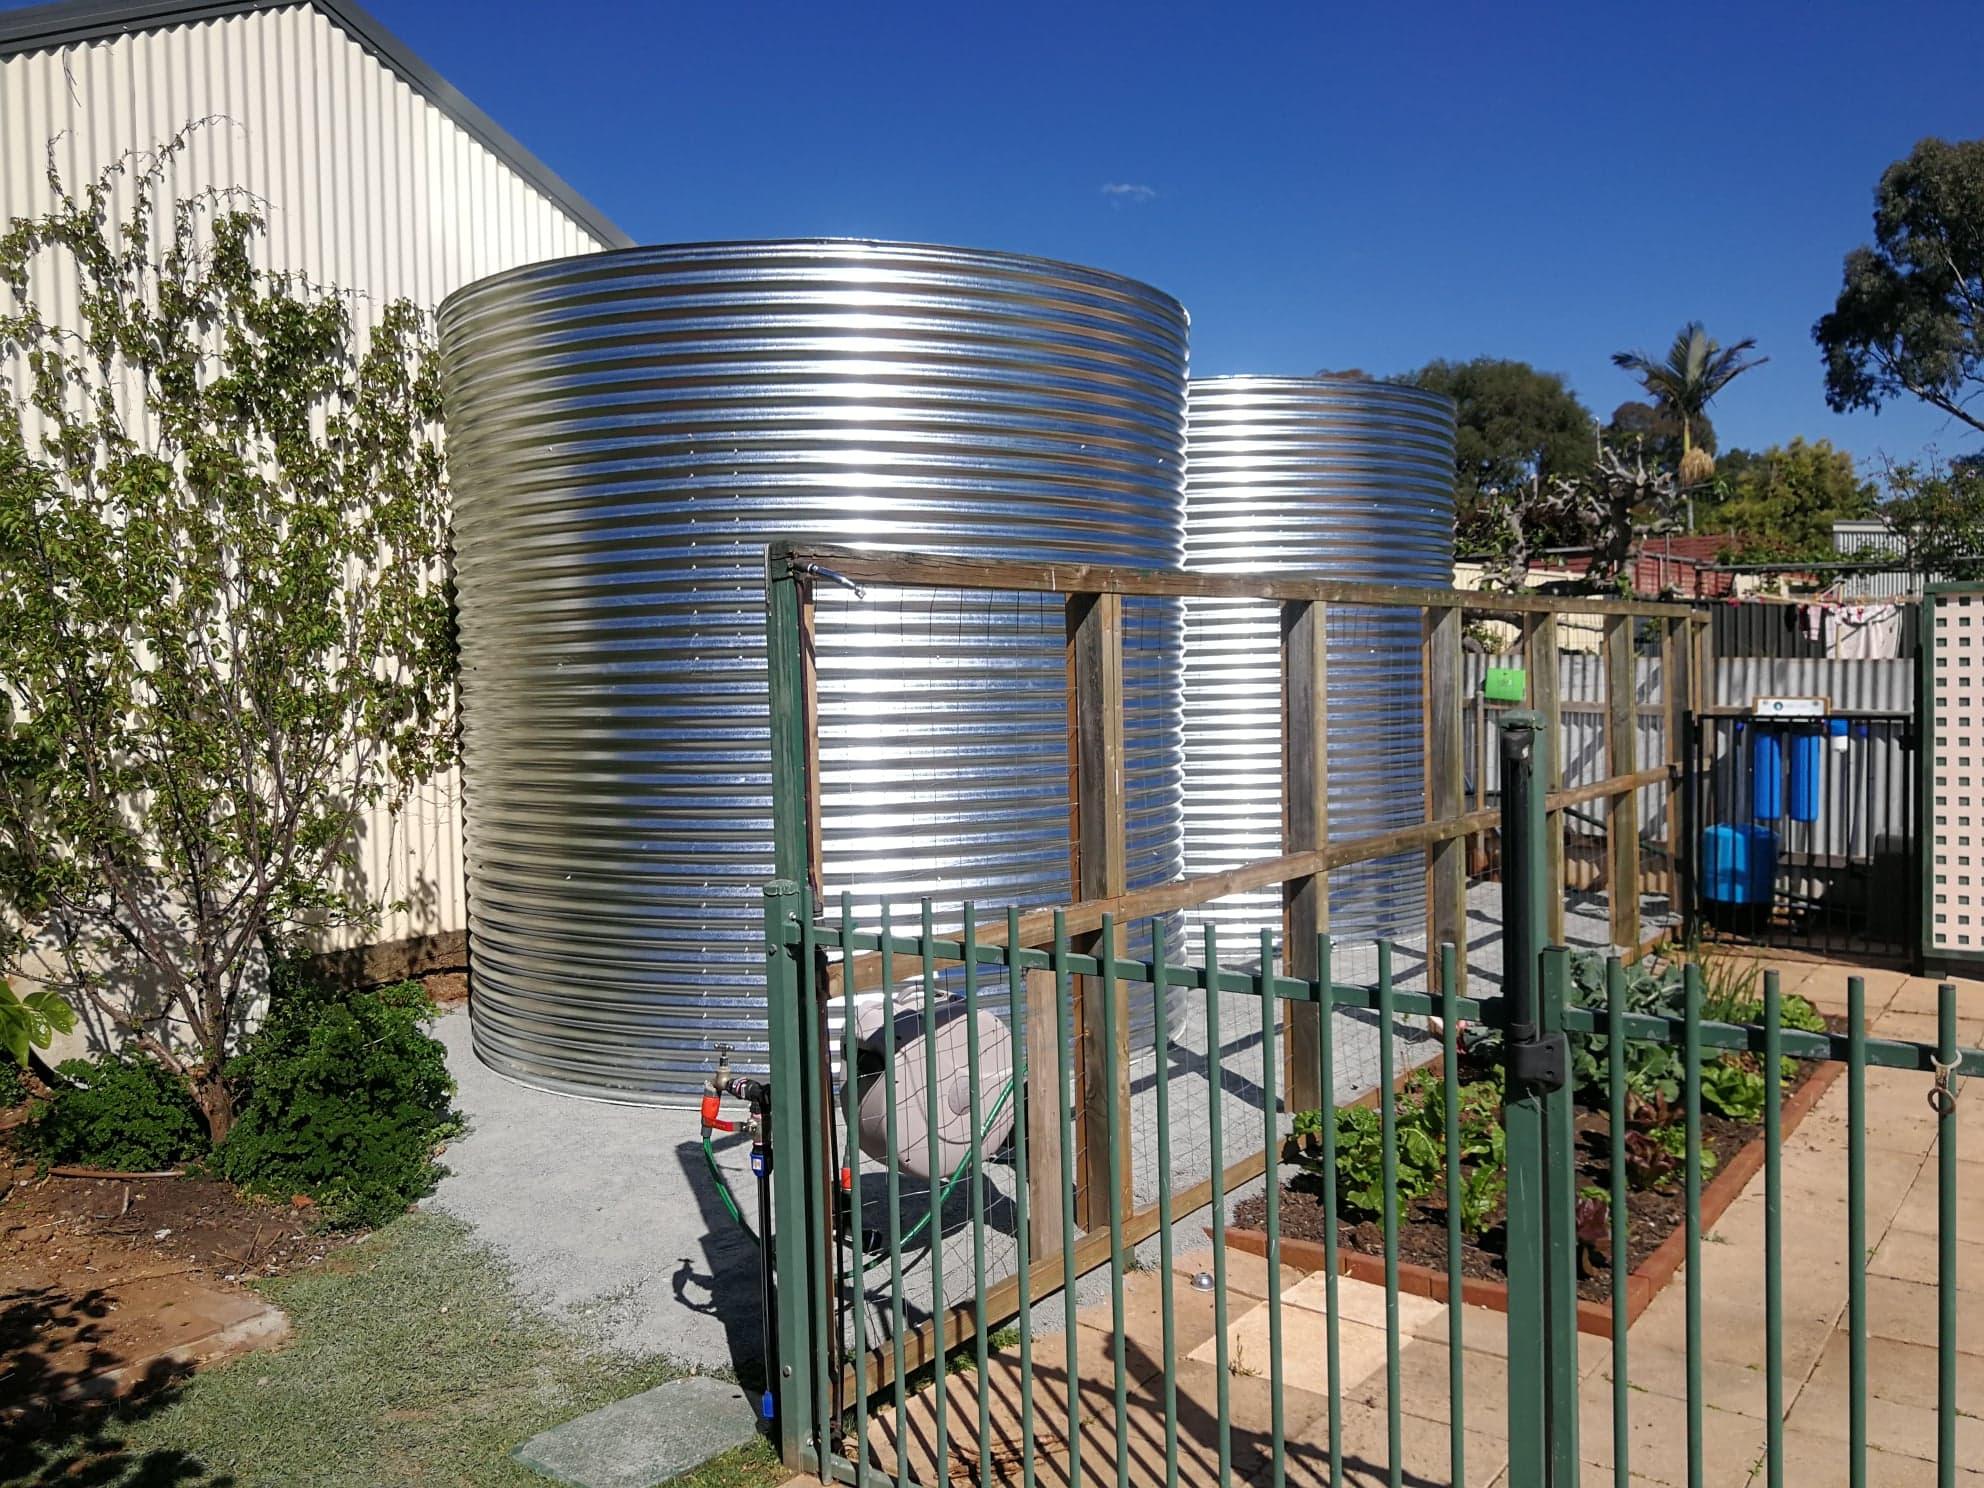 20,000ltr rainwater tanks in Magill established garden tight area